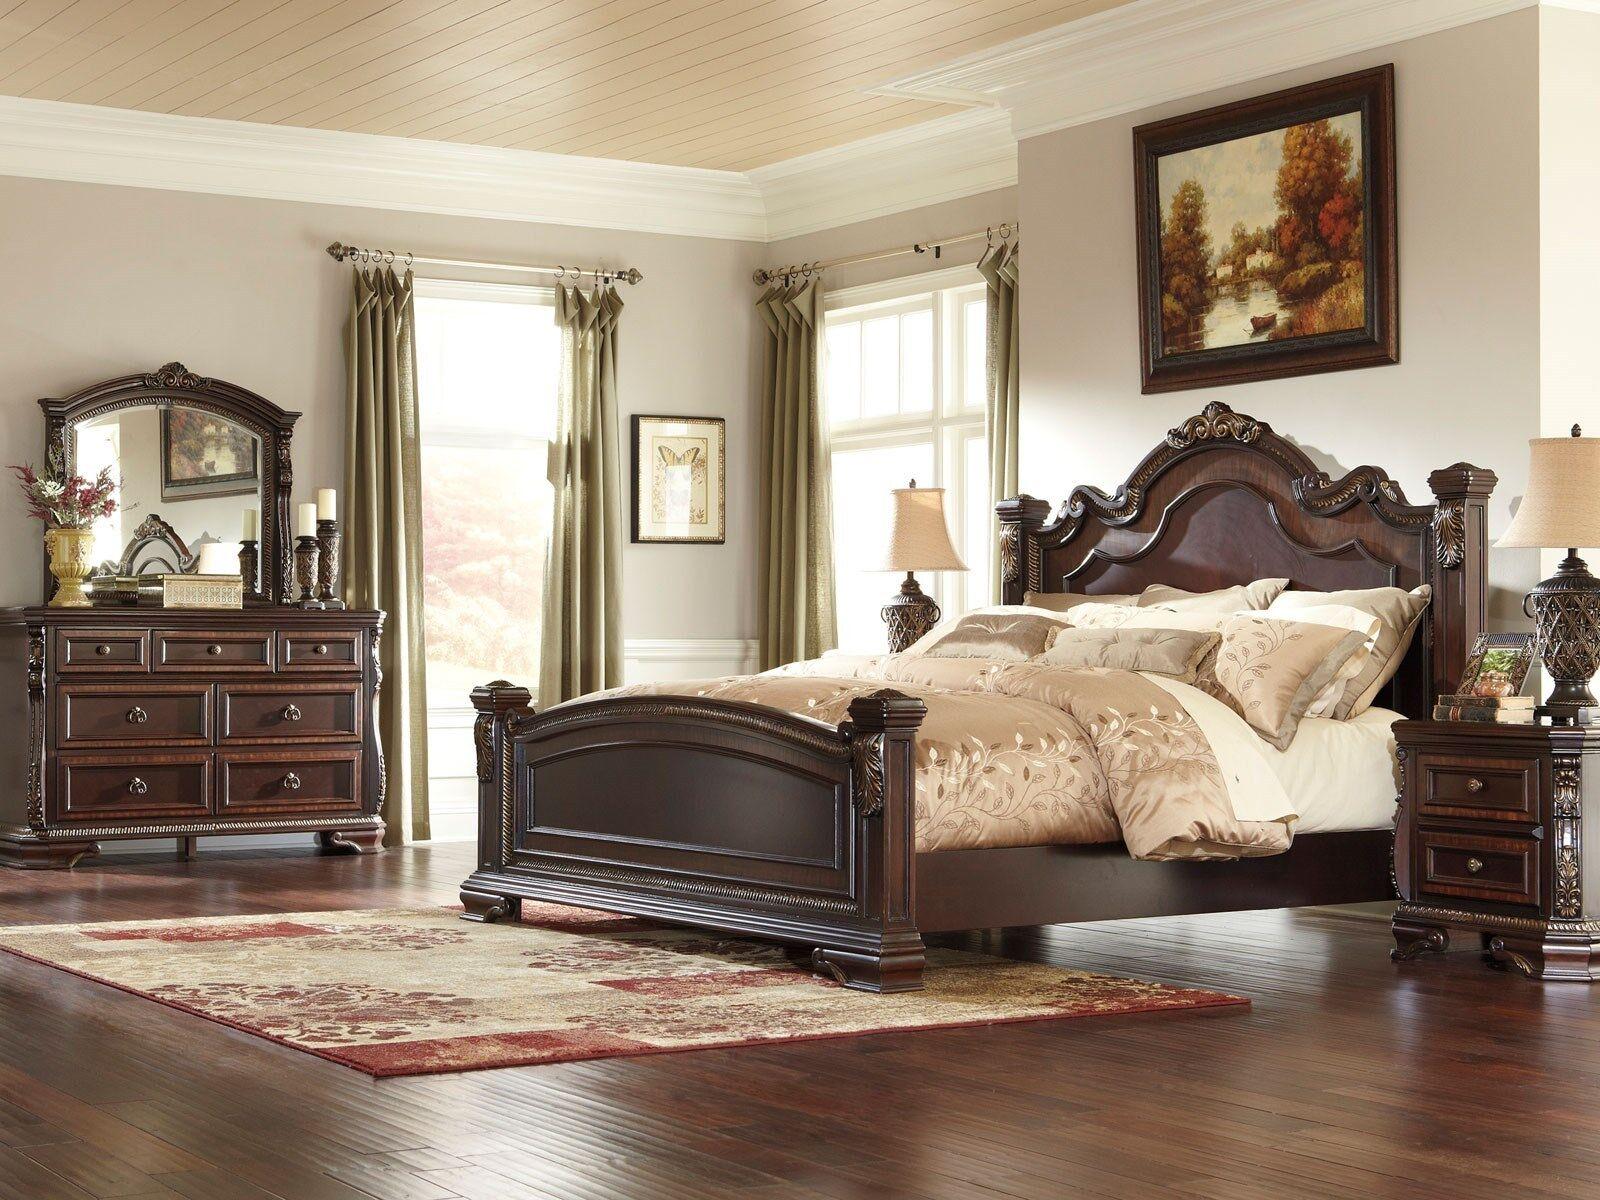 Traditional King Bedroom Furniture Sets